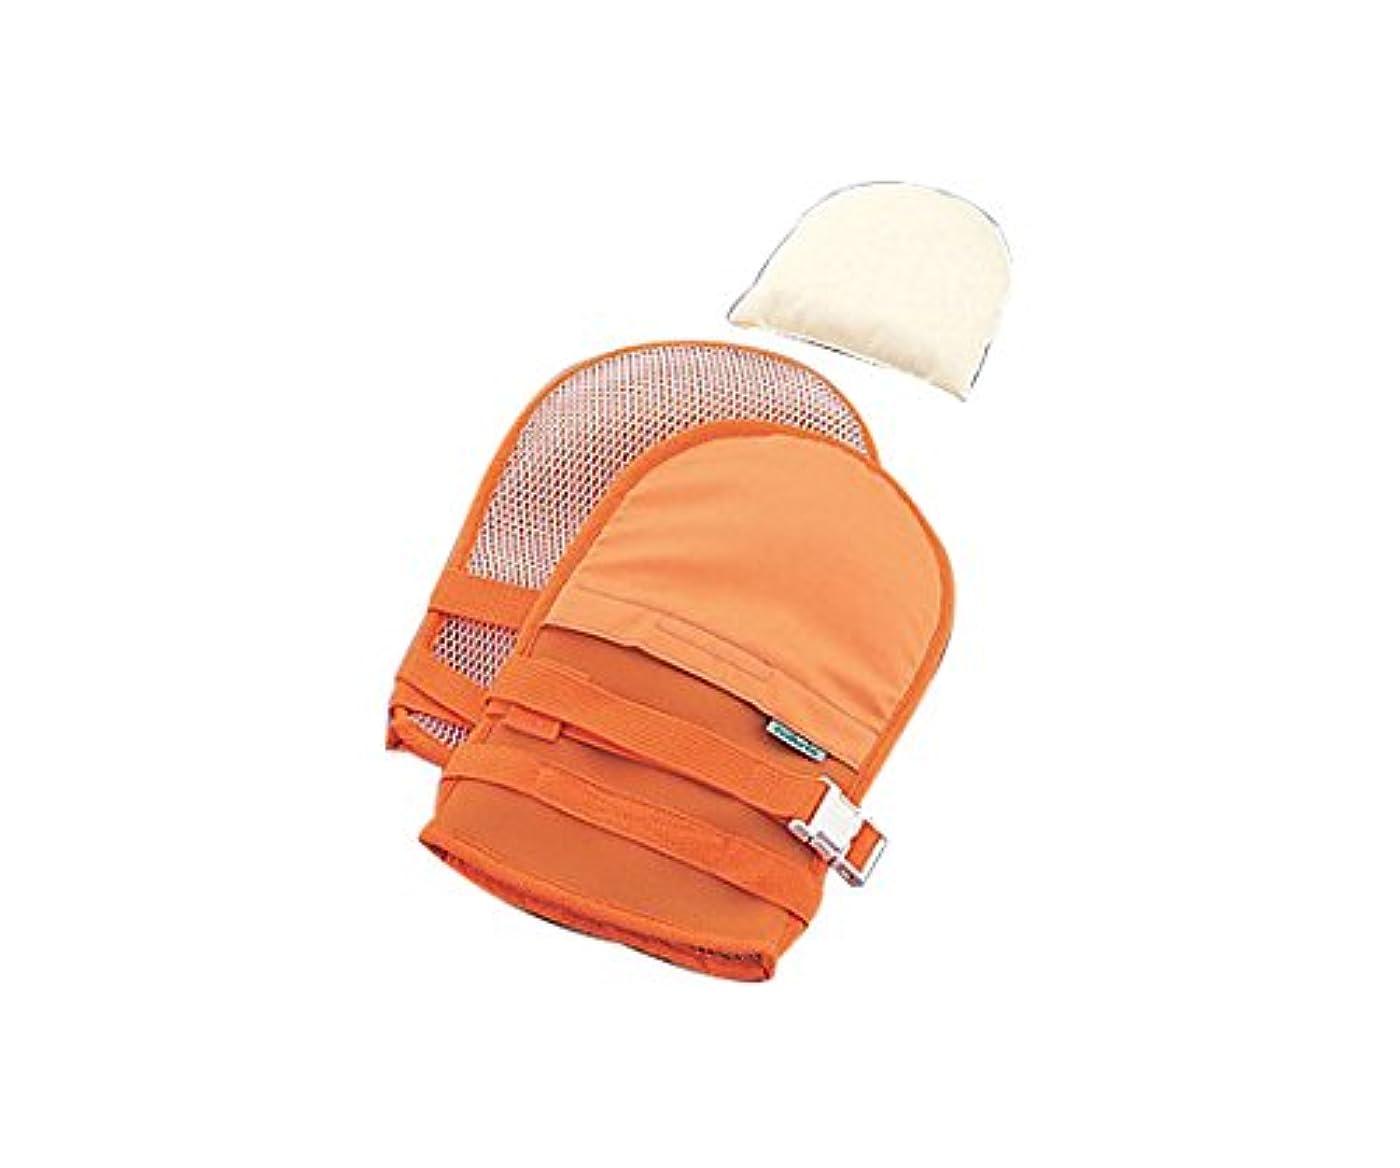 ボイド爆風防水ナビス(アズワン)0-1638-41抜管防止手袋大メッシュオレンジ